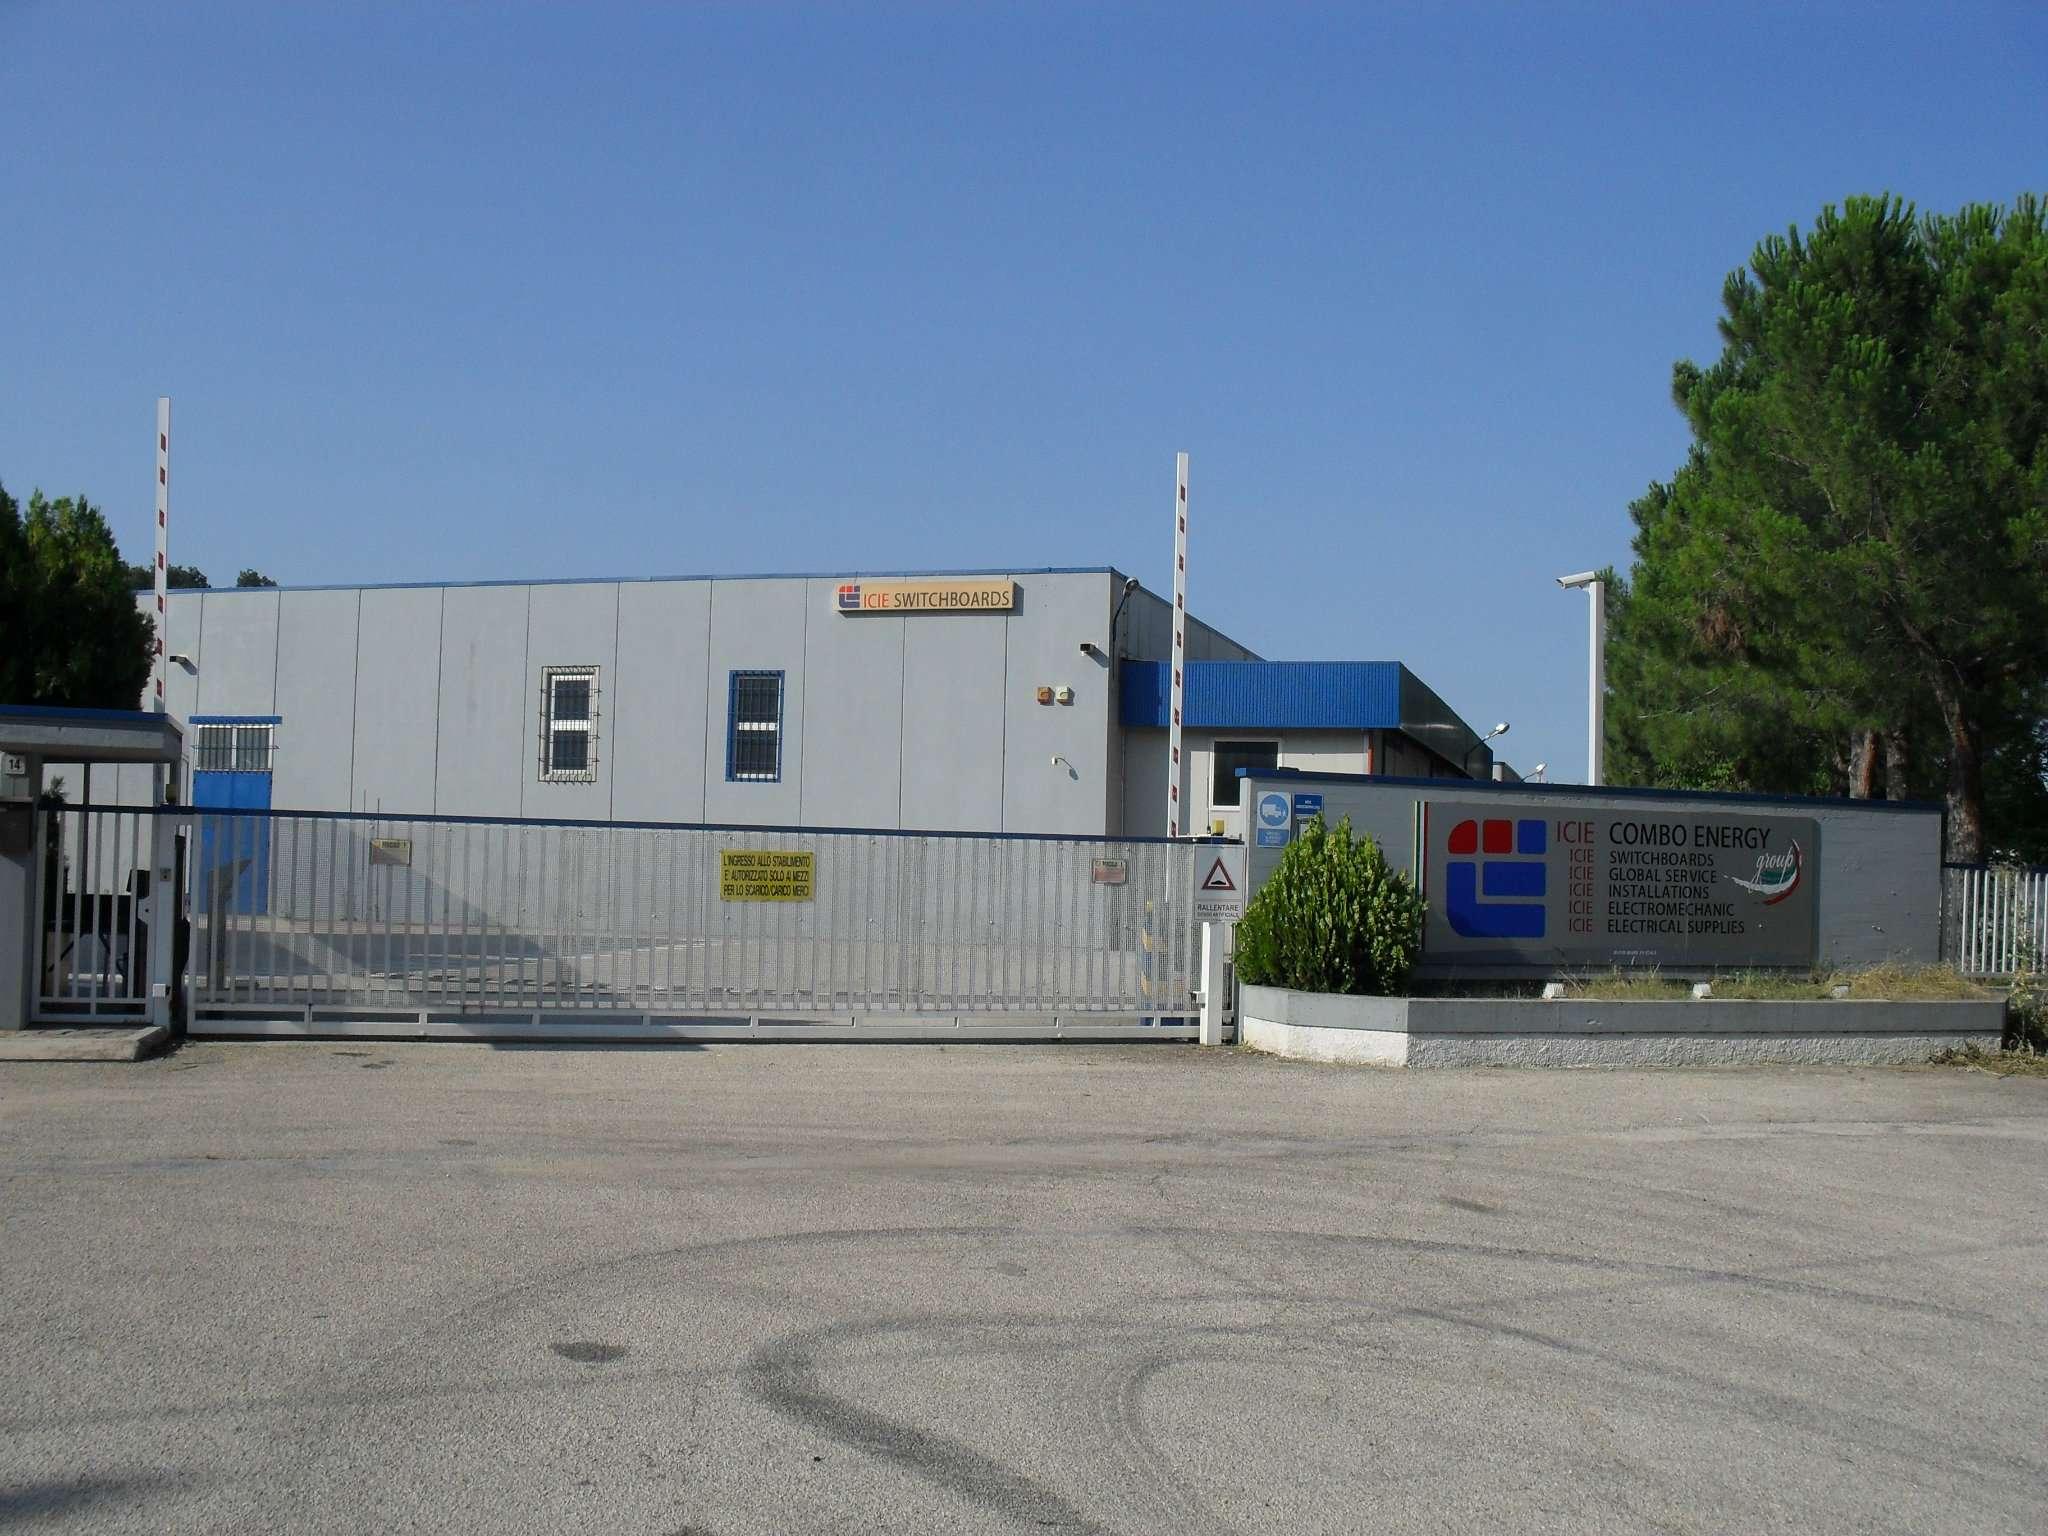 Immobile Commerciale in affitto a Loreto Aprutino, 20 locali, prezzo € 17.000 | PortaleAgenzieImmobiliari.it